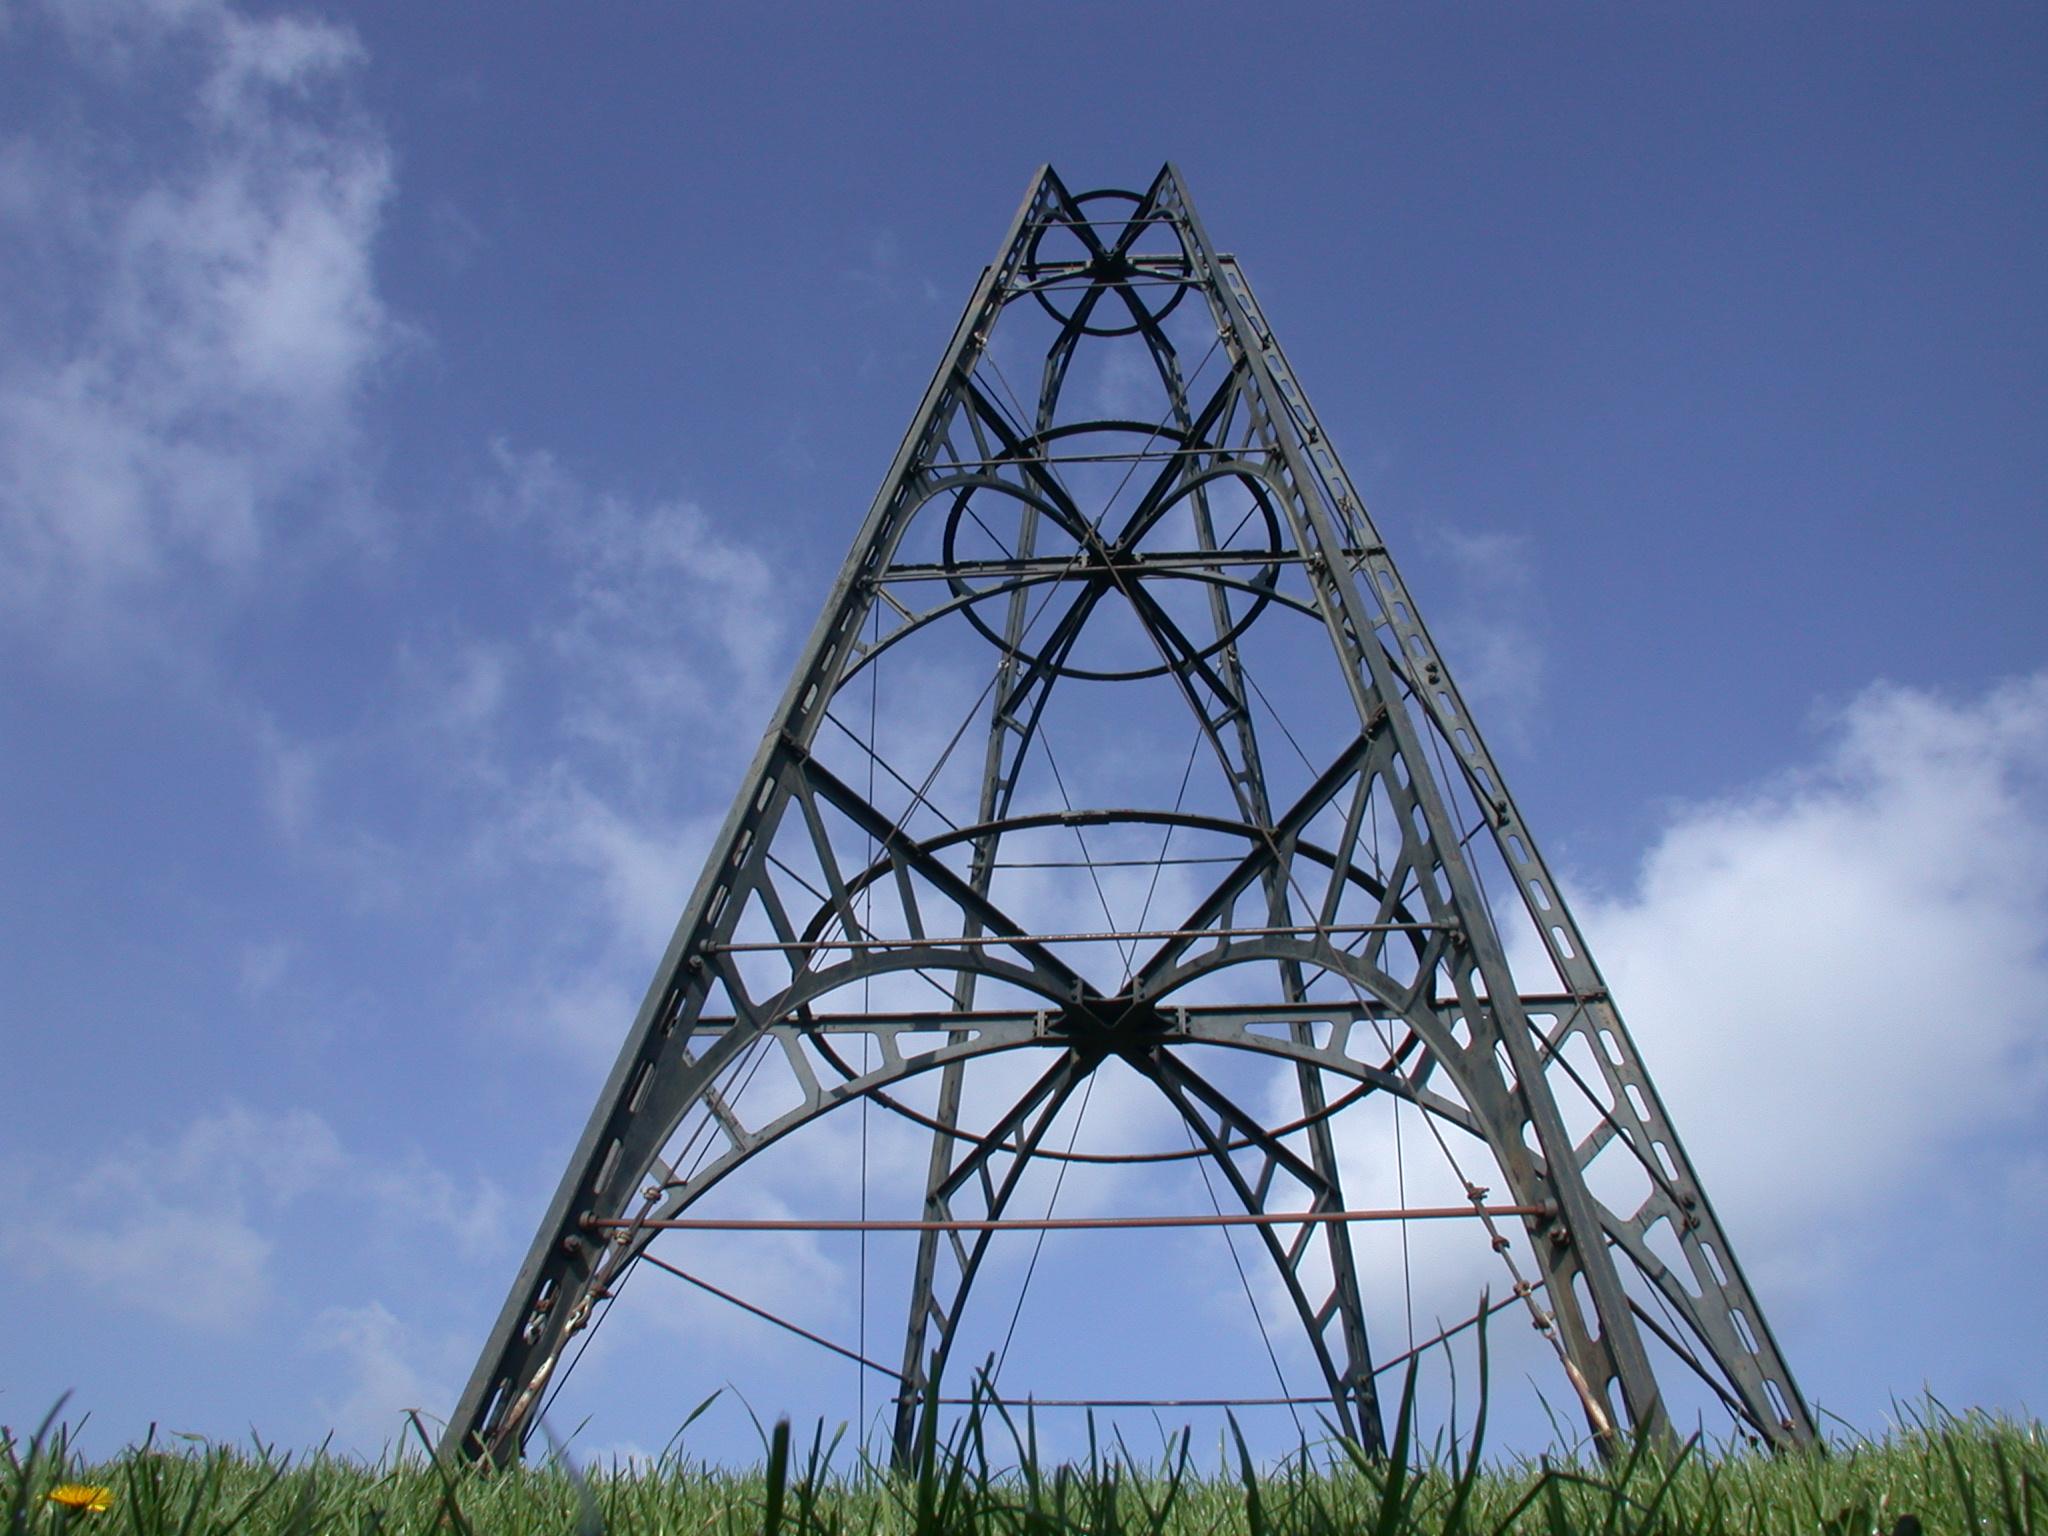 tower steel metal royalty